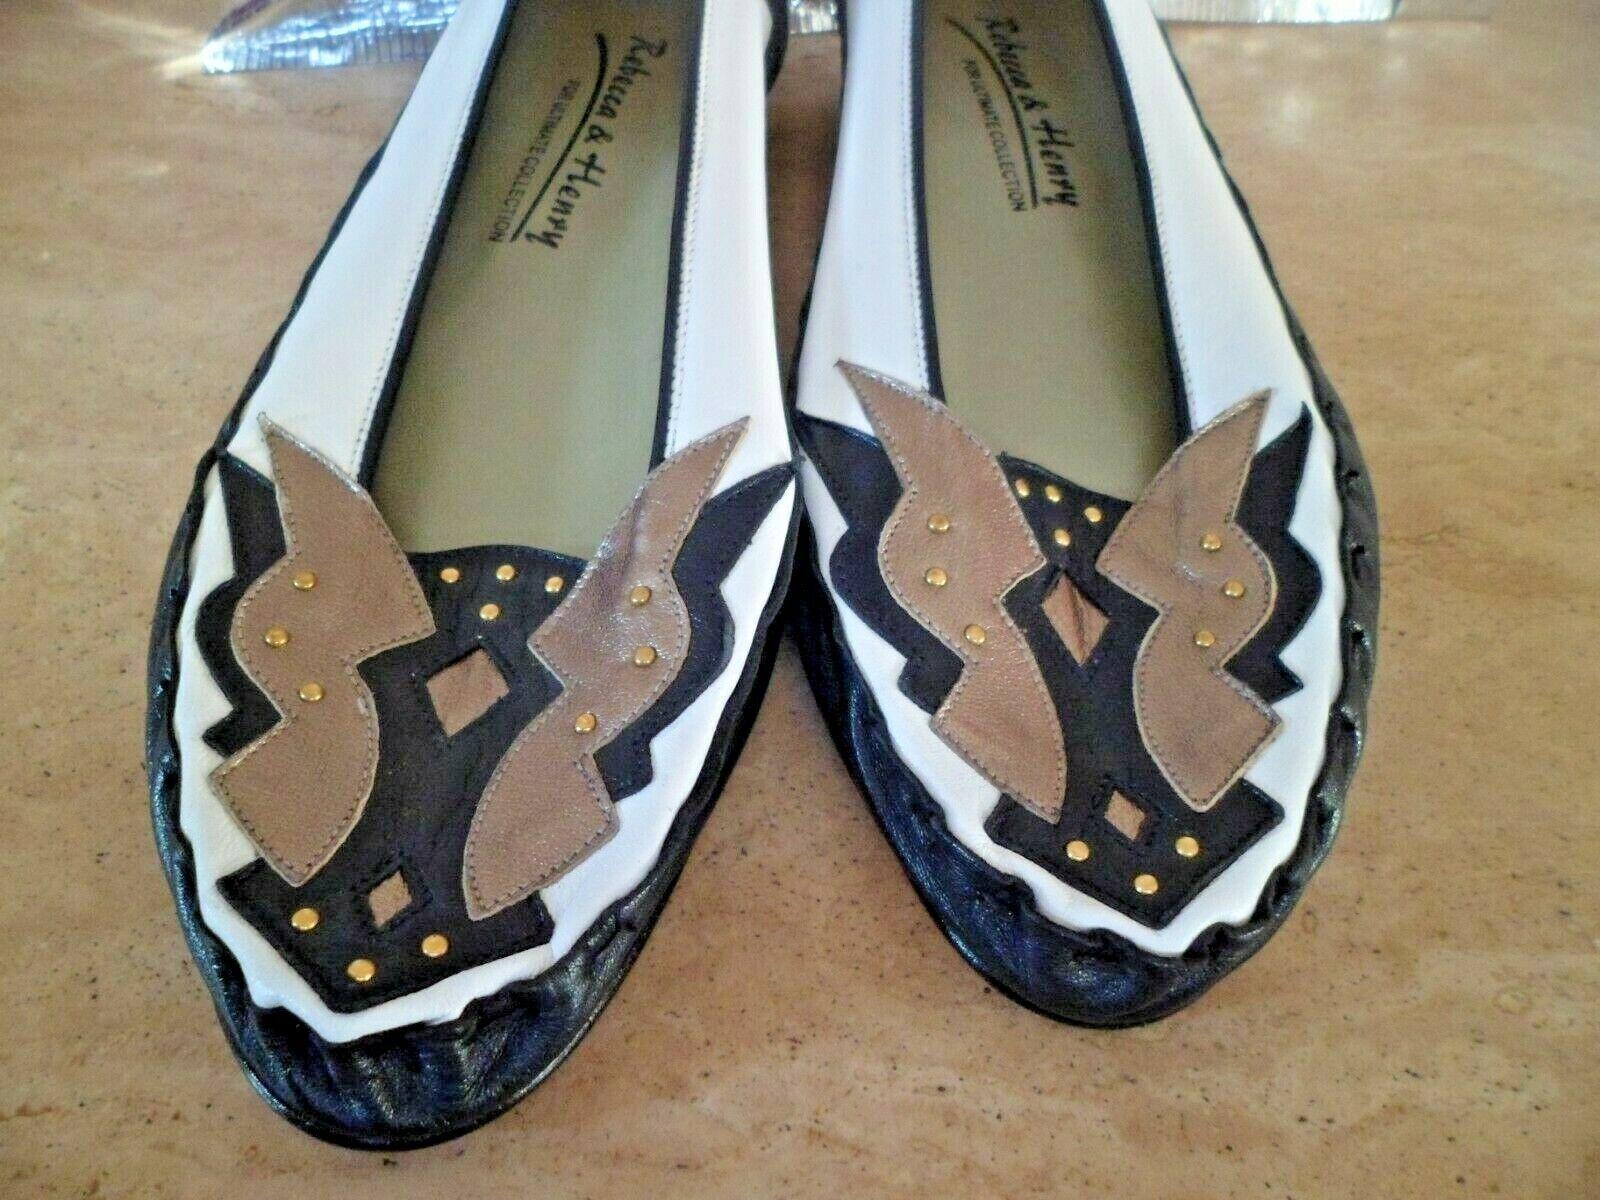 Zapatos De Cuero Rebecca Rebecca Rebecca & Henry Azul Marino, blancoo Y Bronce Suave UK 6.5 EU 39. nuevo  distribución global